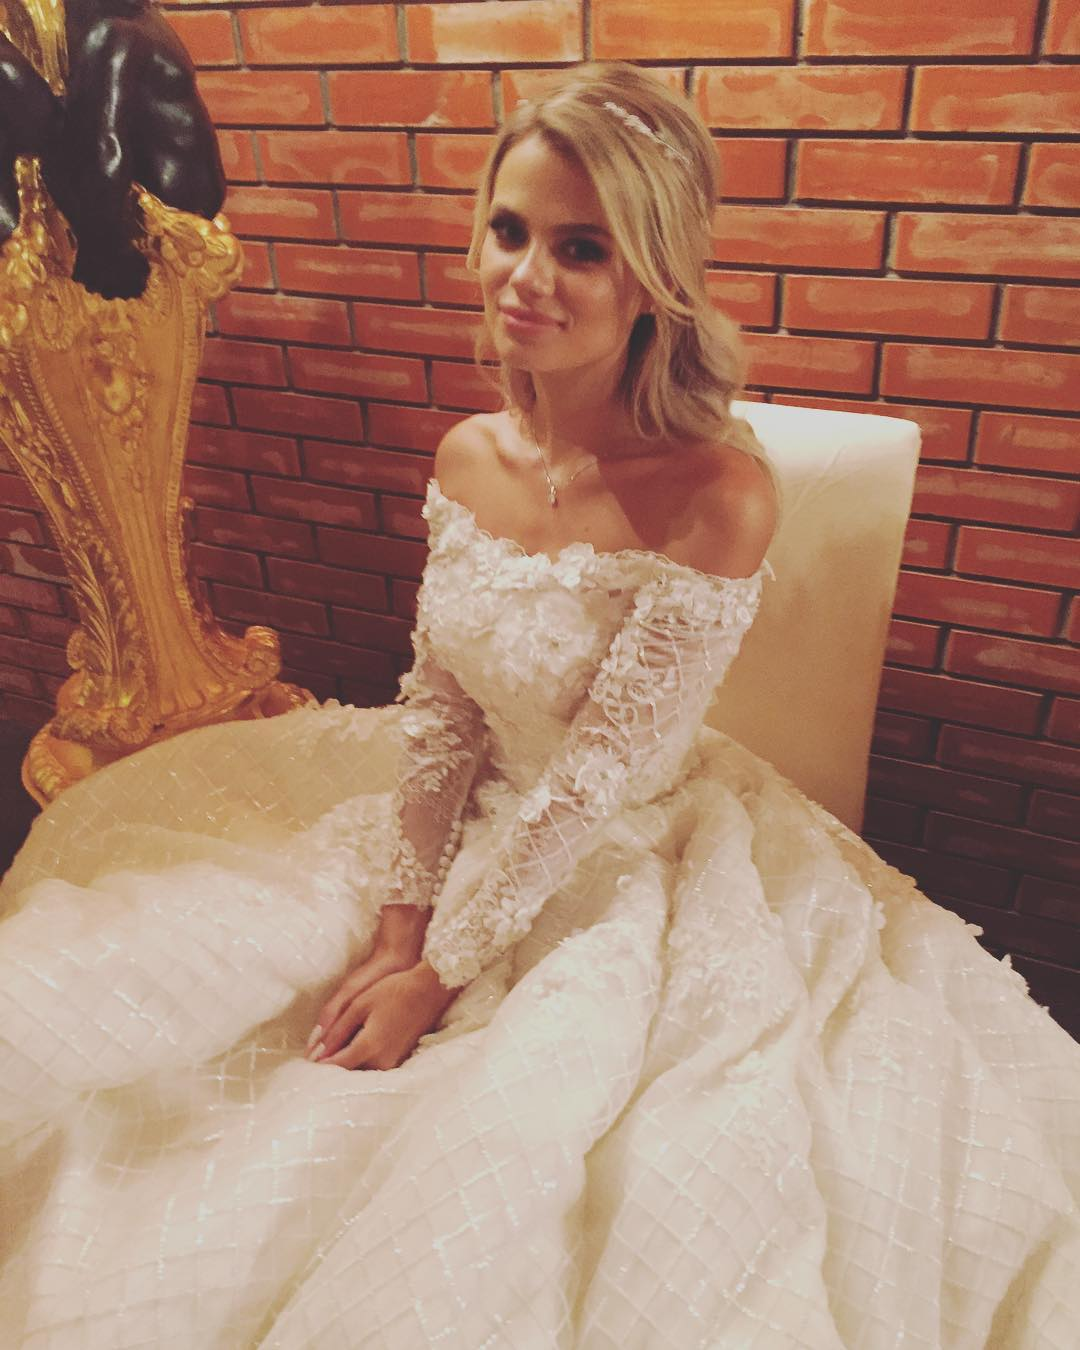 Жена никиты преснякова фото со свадьбы